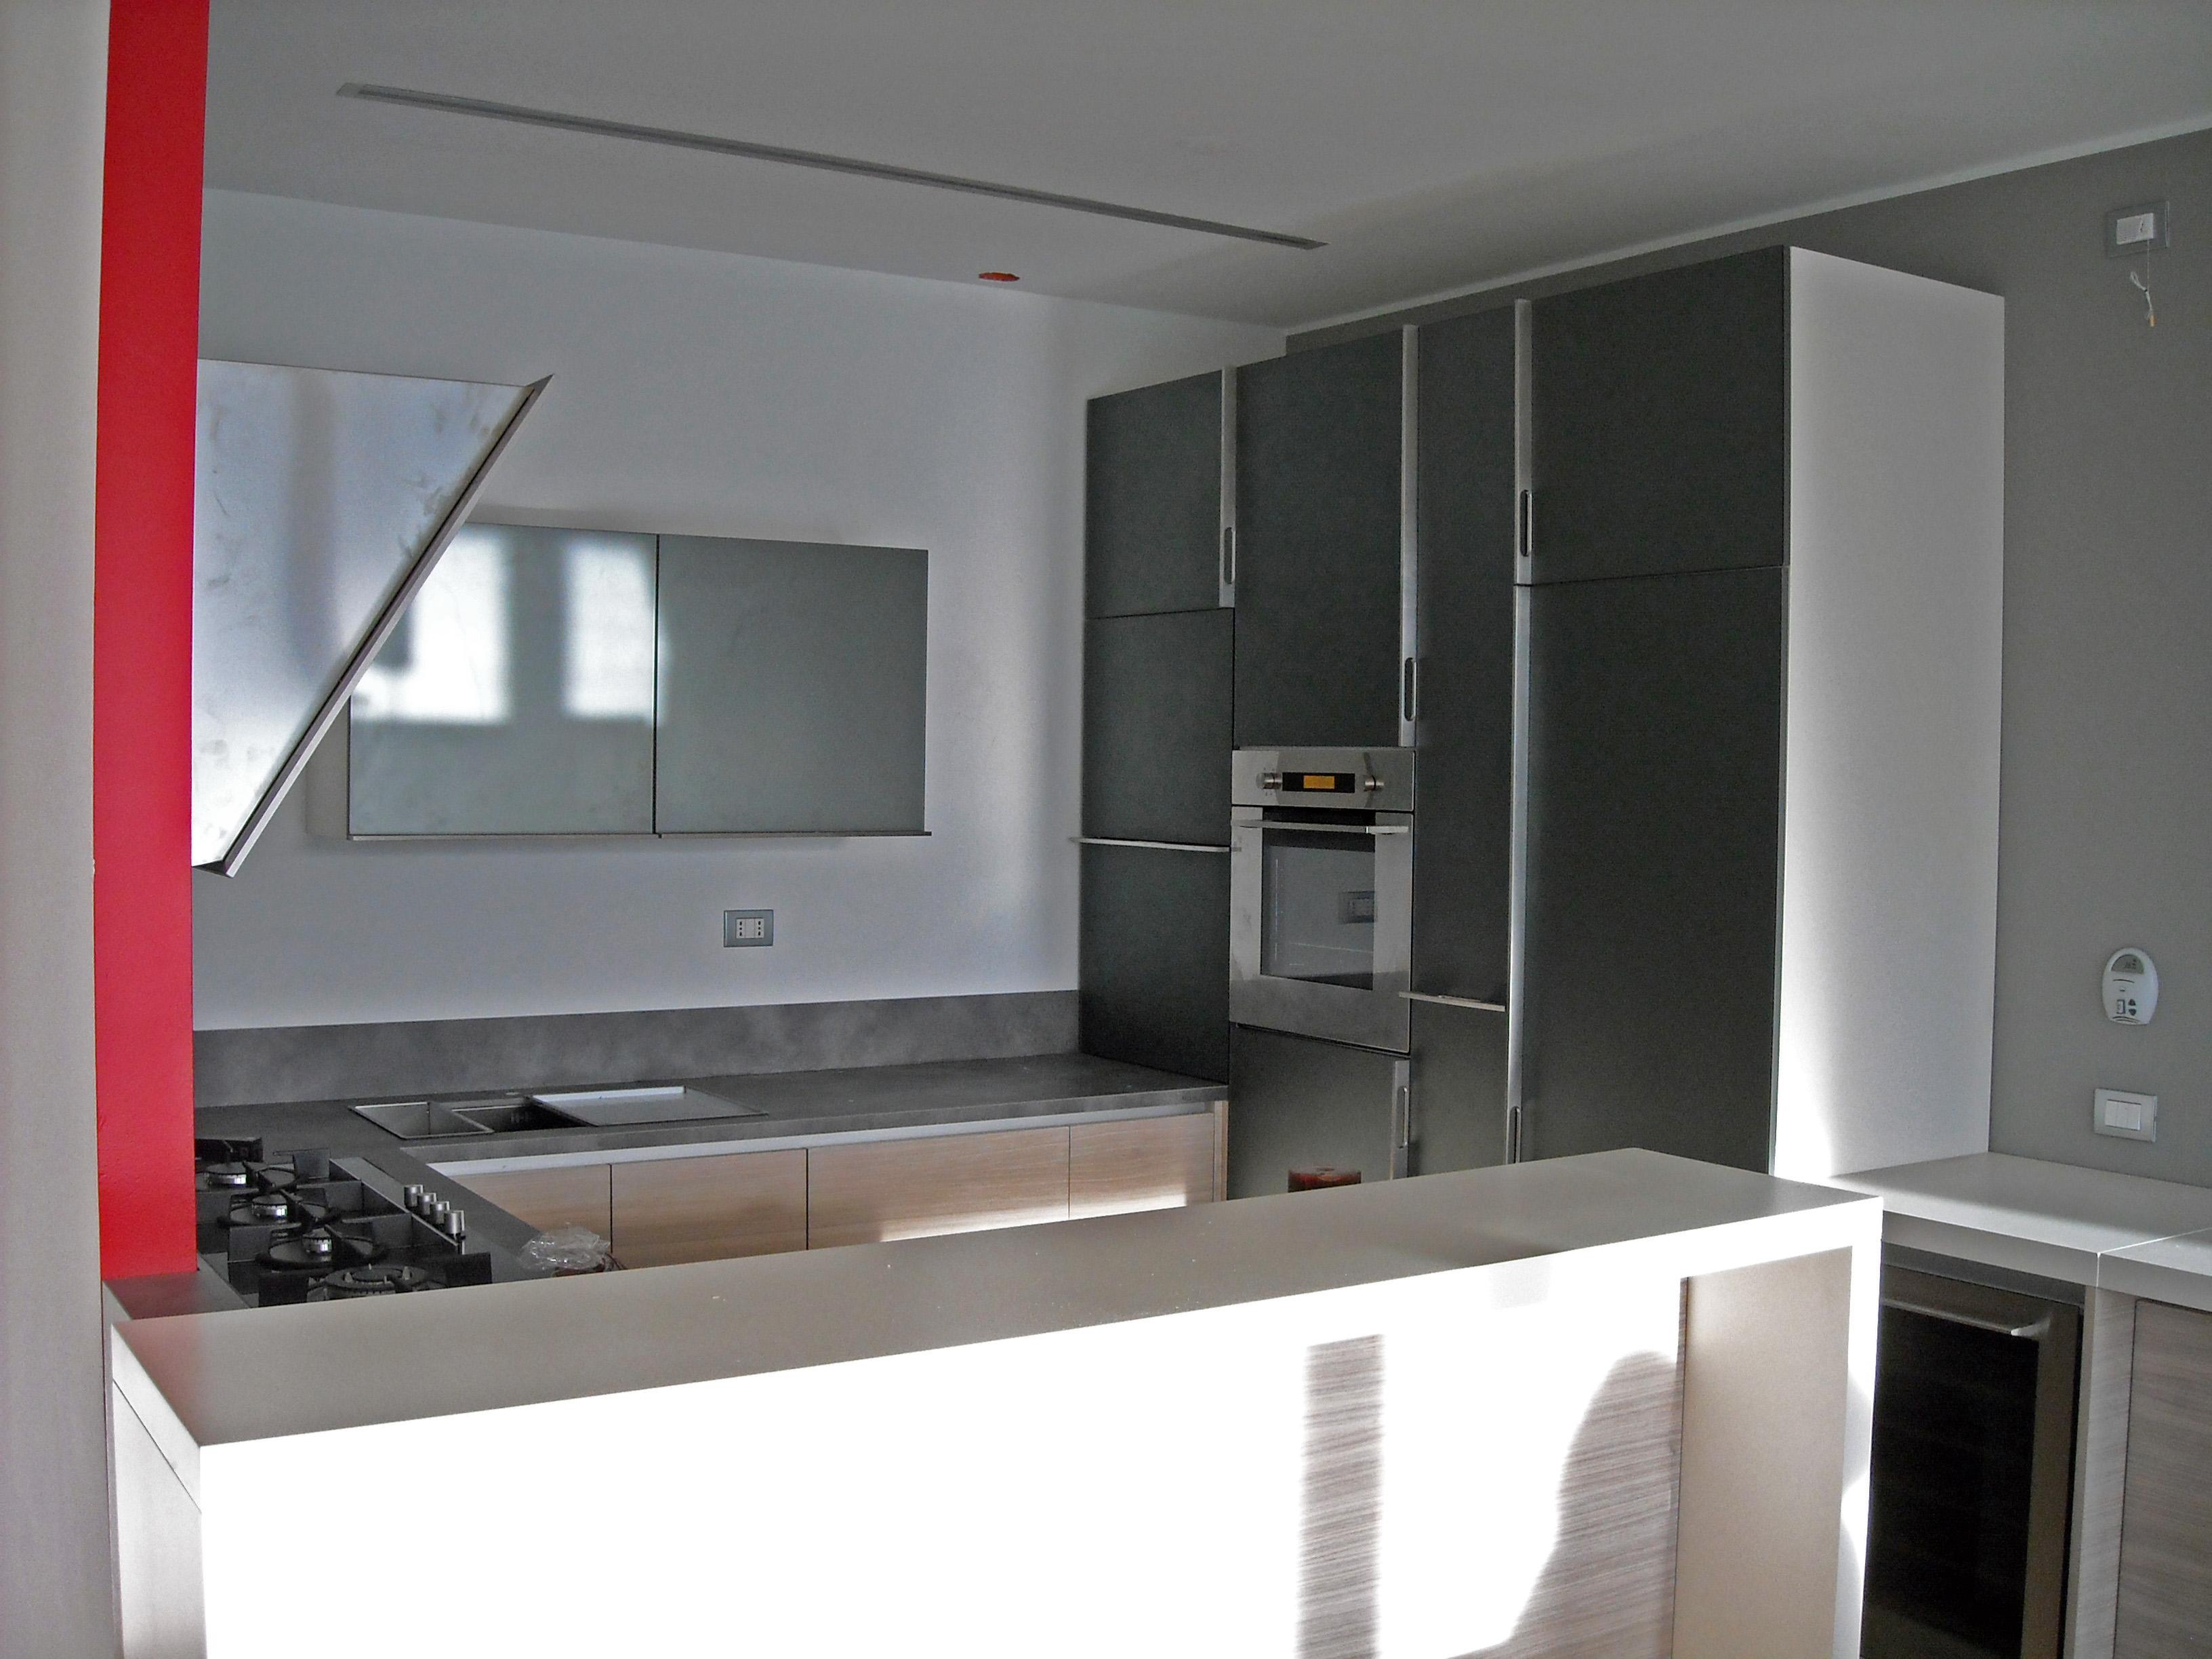 cucina 1 - ELLE C. di Crivellaro Gianluca & C. Sas